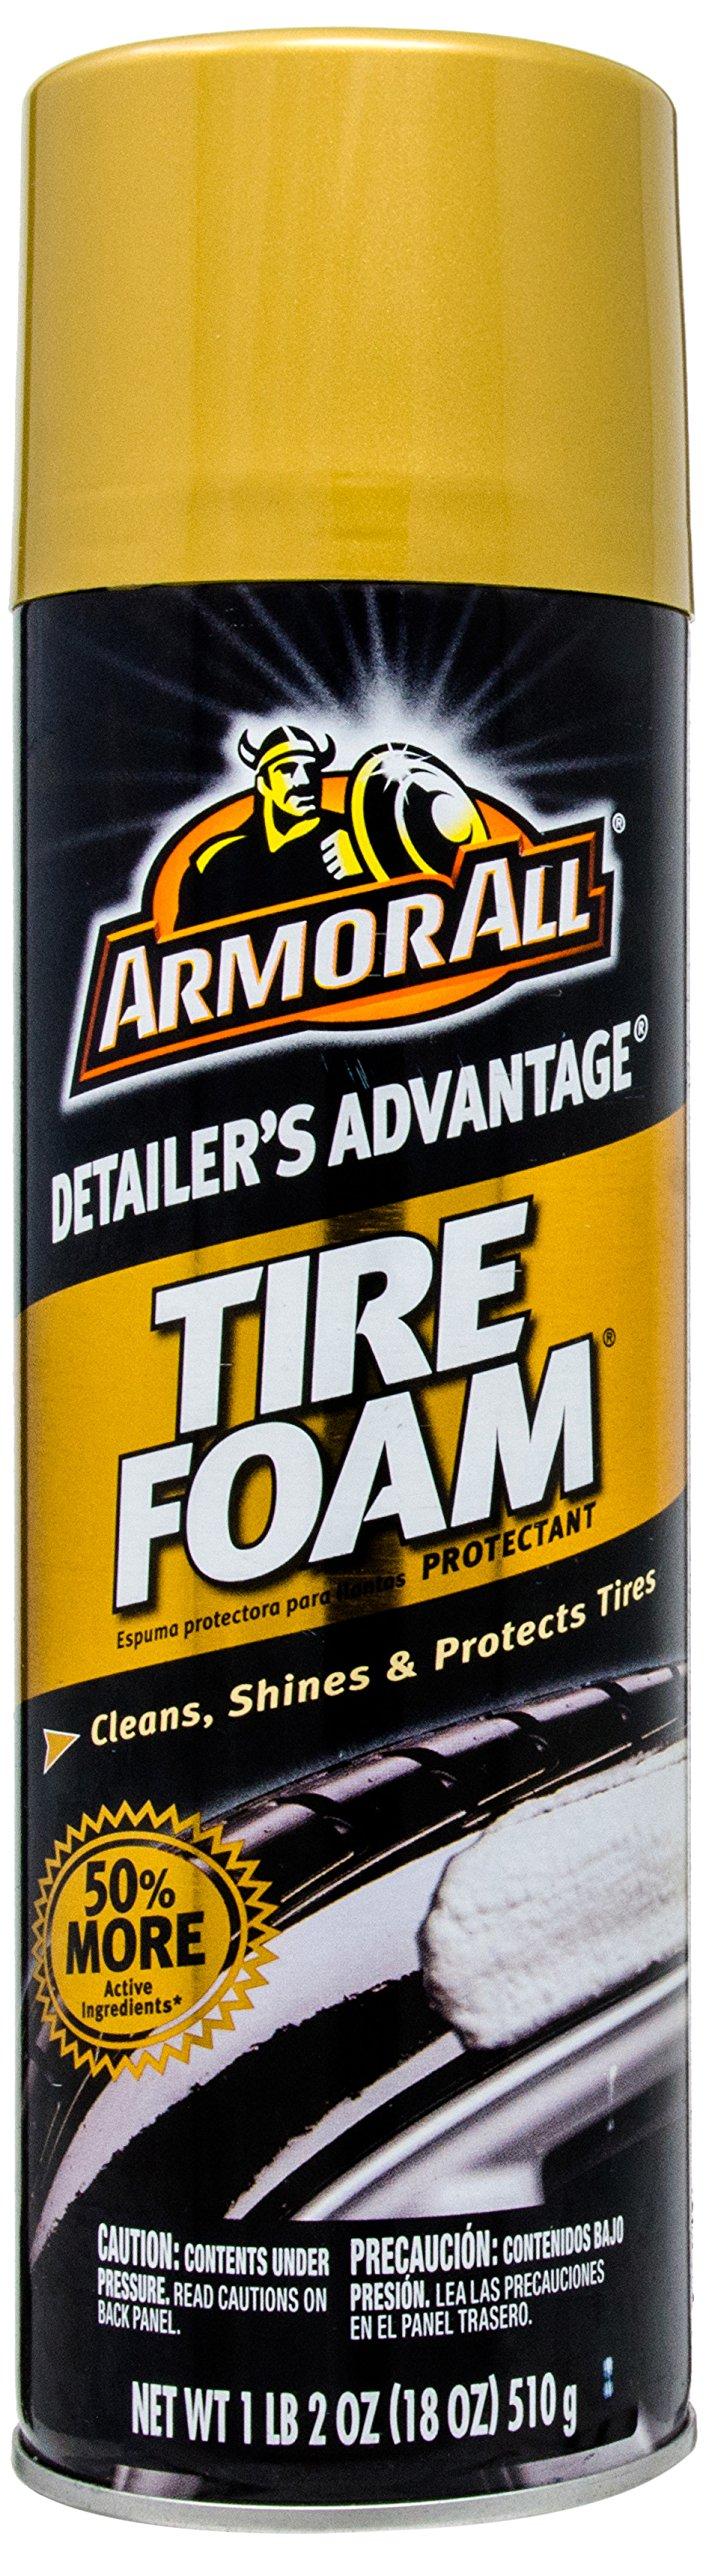 Armor All 78107 Detailer's Advantage Tire Foam Protectant - 18 oz.